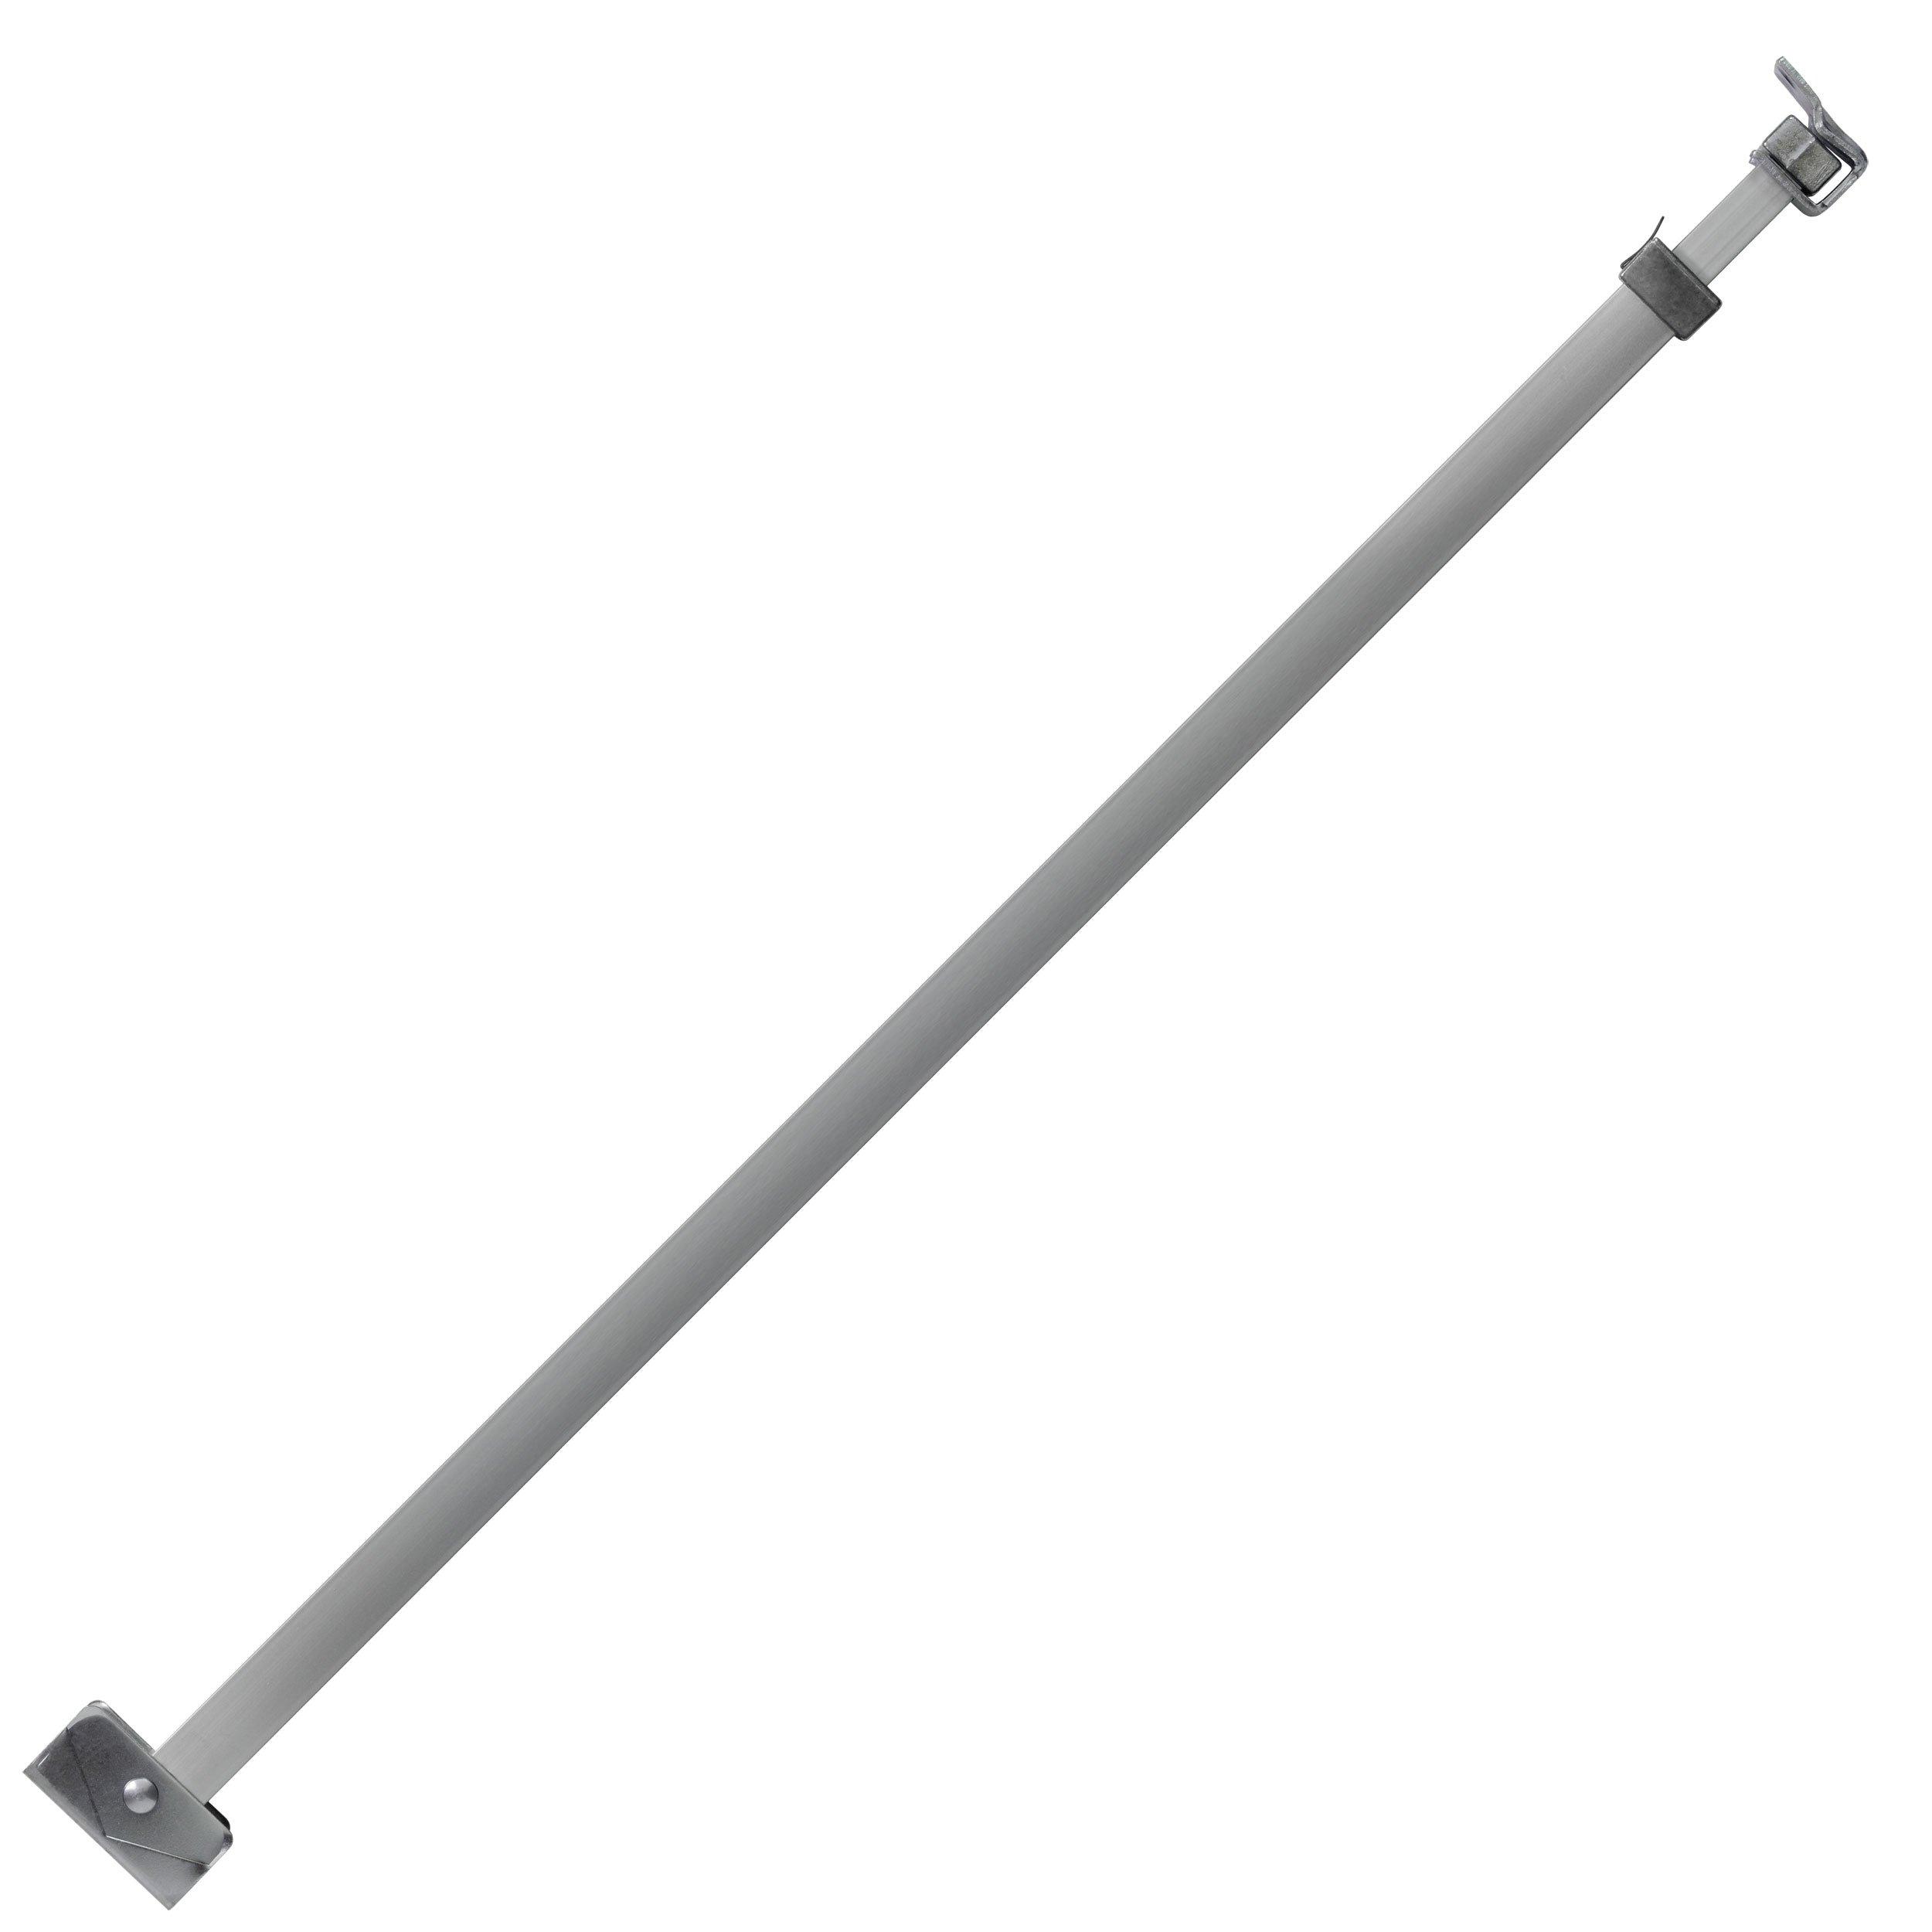 Door Security Bar Patio Door Bar Sliding Glass Door Jammer Safety - Security bars for patio doors